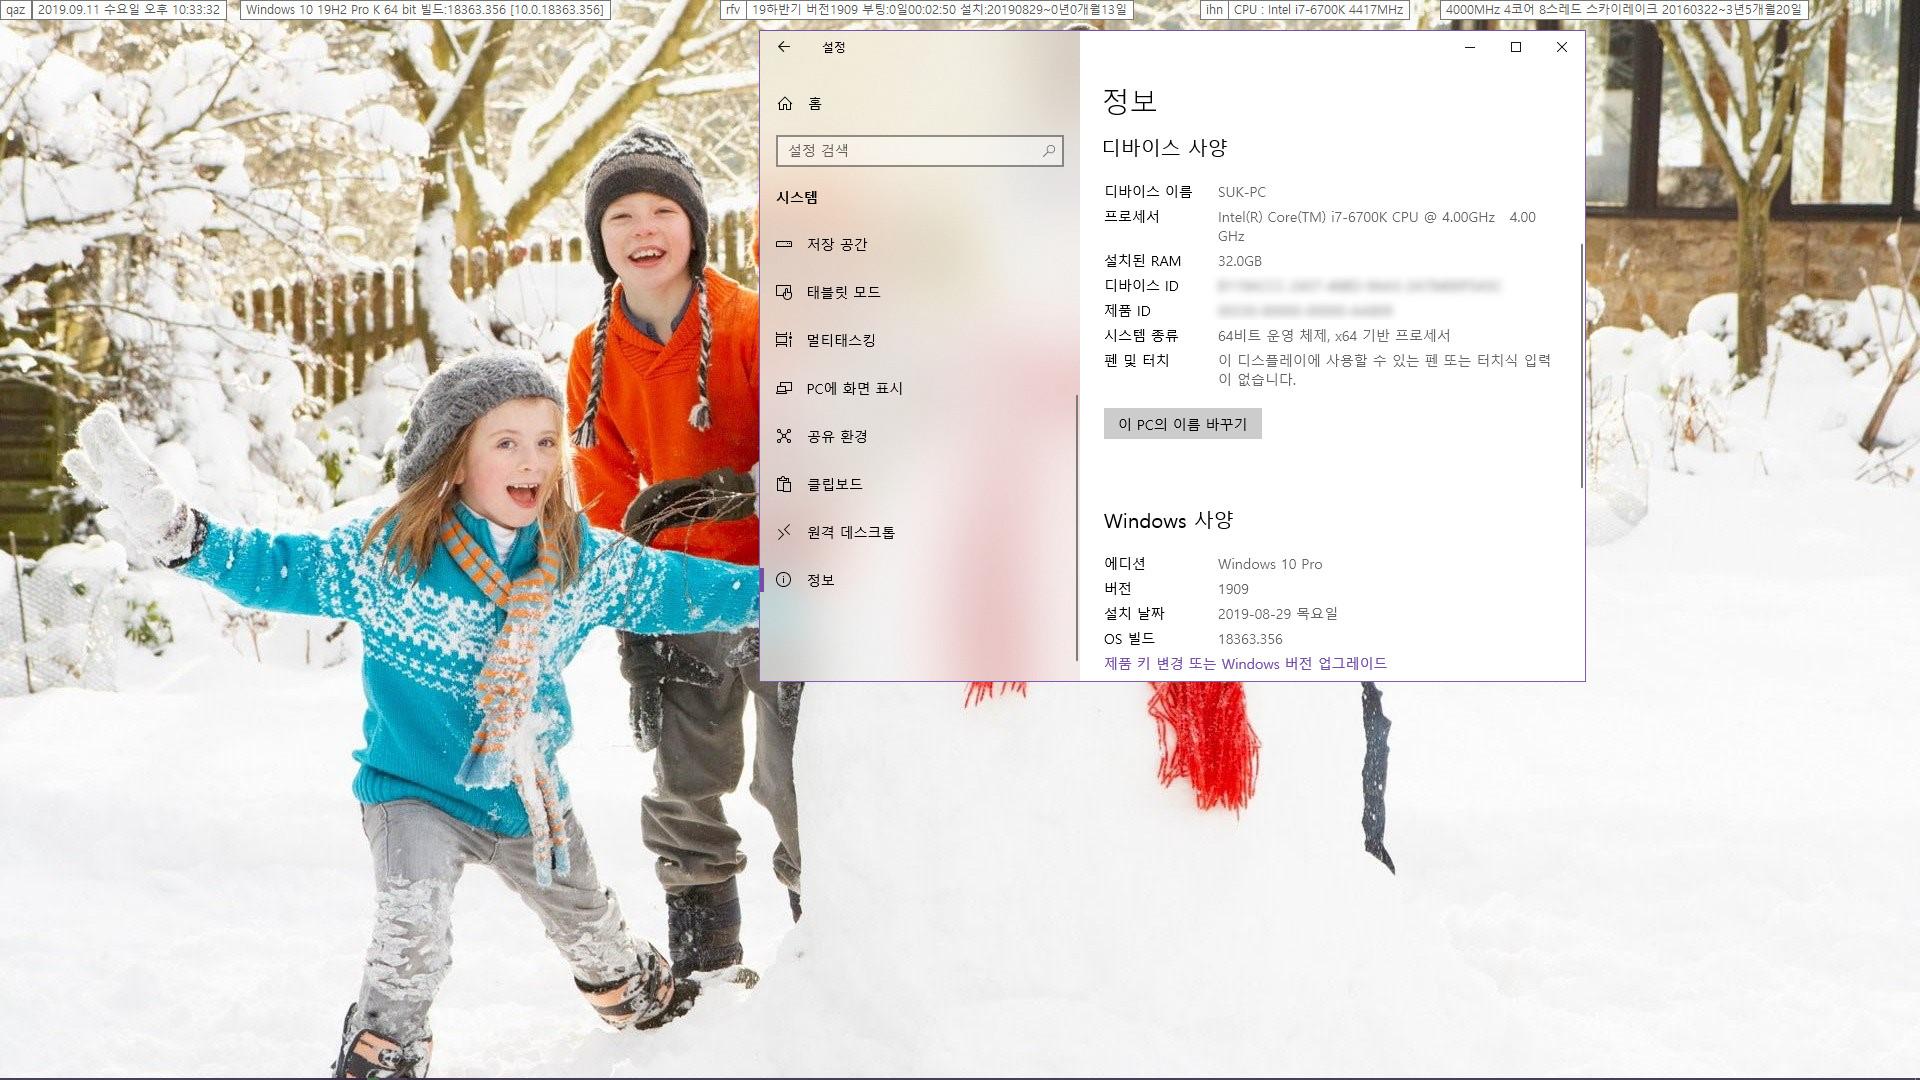 2019년 9월 11일 수요일 정기 업데이트 - Windows 10 버전 1909 누적 업데이트 KB4515384 (OS 빌드 18363.356) [2019-09-10 일자] 릴리스 프리뷰 - 실컴에 설치합니다 - 업데이트 파일들은 마지막 1개만 제외하고, 버전 1903 정식 버전과 같습니다 - 설치 완료 2019-09-11_223332.jpg